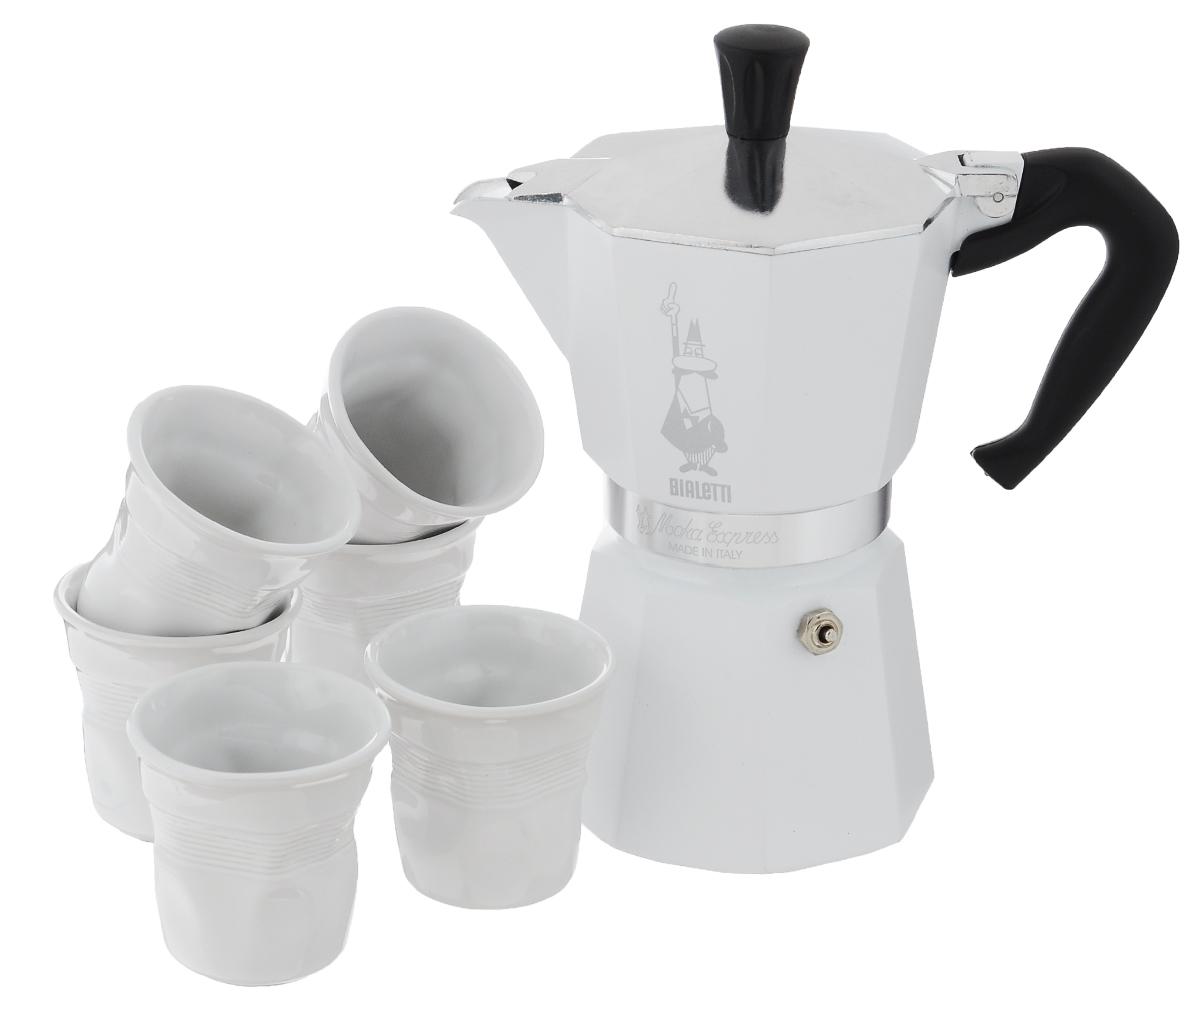 Набор посуды Bialetti Moka, цвет: белый, стальной, 7 предметов115510Набор посуды Bialetti Moka включает в себя гейзерную кофеварку и 6 чашек для кофе.Компактная гейзерная кофеварка изготовлена из высококачественного алюминия. Изделие оснащено удобной ручкой из пластика. Кофейные чашки выполнены из высококачественной керамики.Принцип работы такой гейзерной кофеварки - кофе заваривается путем многократного прохождения горячей воды или пара через слой молотого кофе. Удобство кофеварки в том, что вся кофейная гуща остается во внутренней емкости. Гейзерные кофеварки пользуются большой популярностью благодаря изысканному аромату. Кофе получается крепкий и насыщенный. Теперь и дома вы сможете насладиться великолепным эспрессо. Подходит для газовых, электрических и стеклокерамических плит. Нельзя мыть в посудомоечной машине. Высота кофеварки: 22 см.Диаметр дна кофеварки: 10 см.Диаметр чашек по верхнему краю: 6,5 см.Диаметр дна чашек: 3,7 см.Высота чашек: 6,4 см.